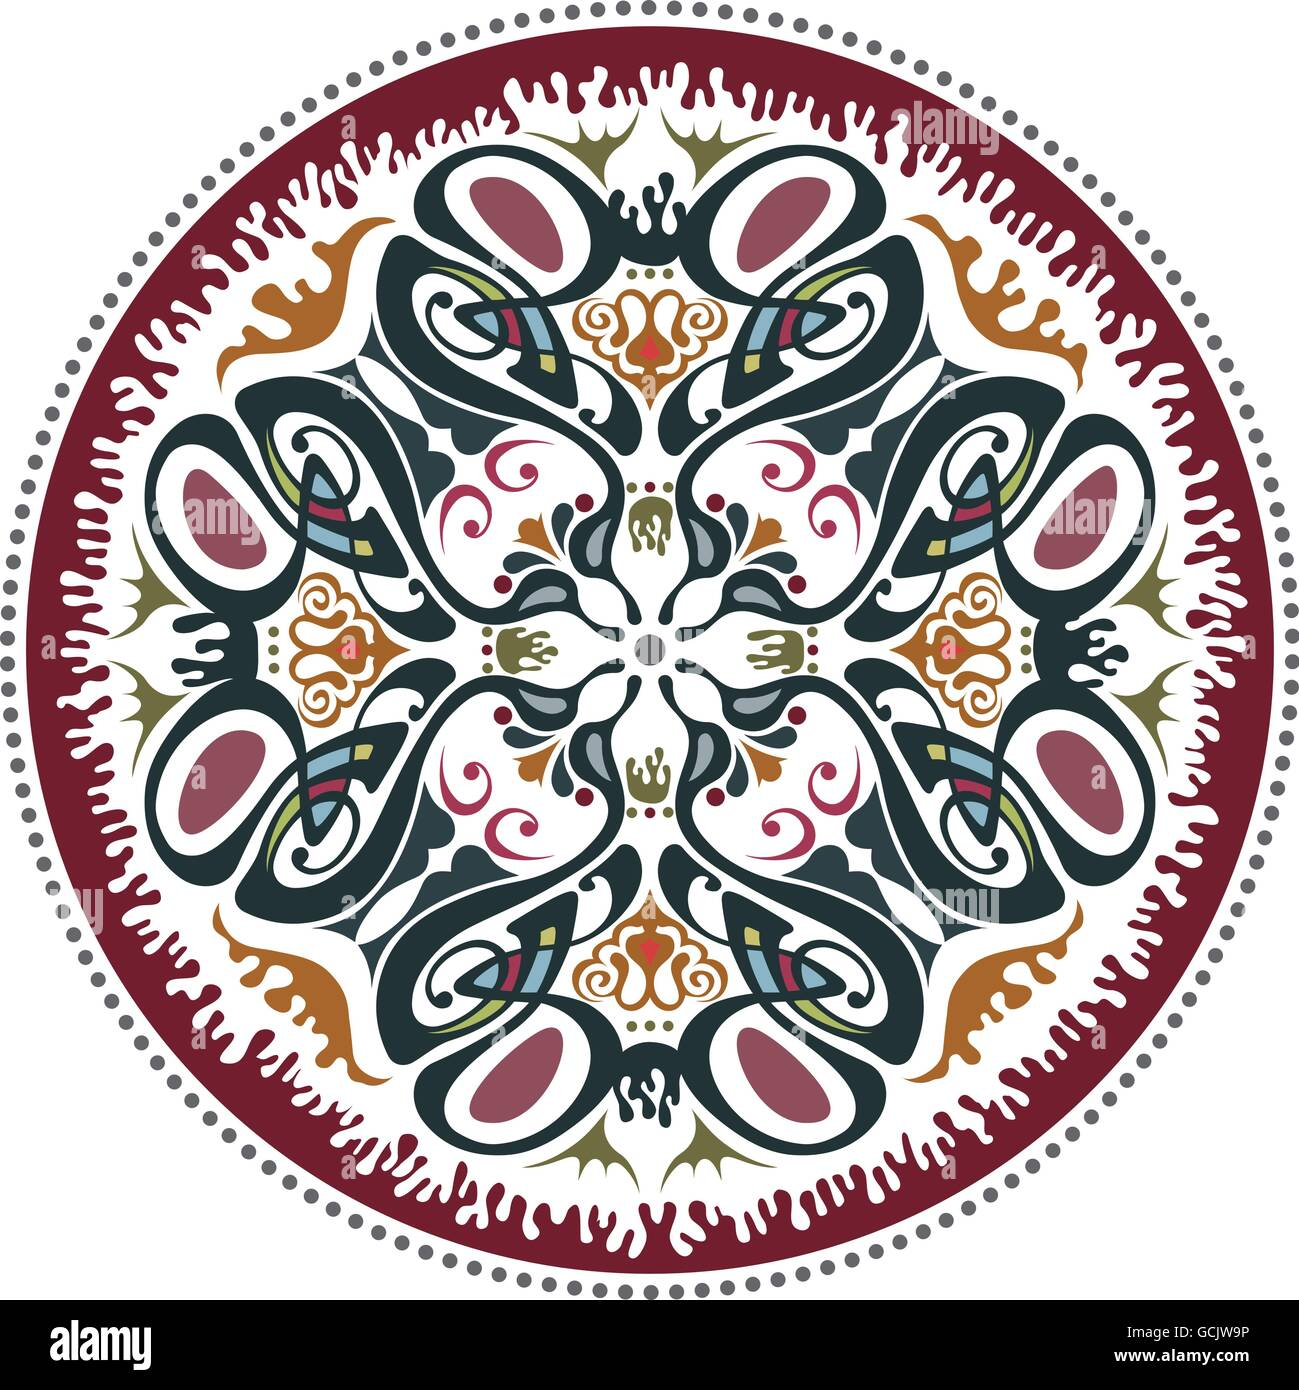 Art nouveau decorative floral pattern motif Stock Vector Art ...